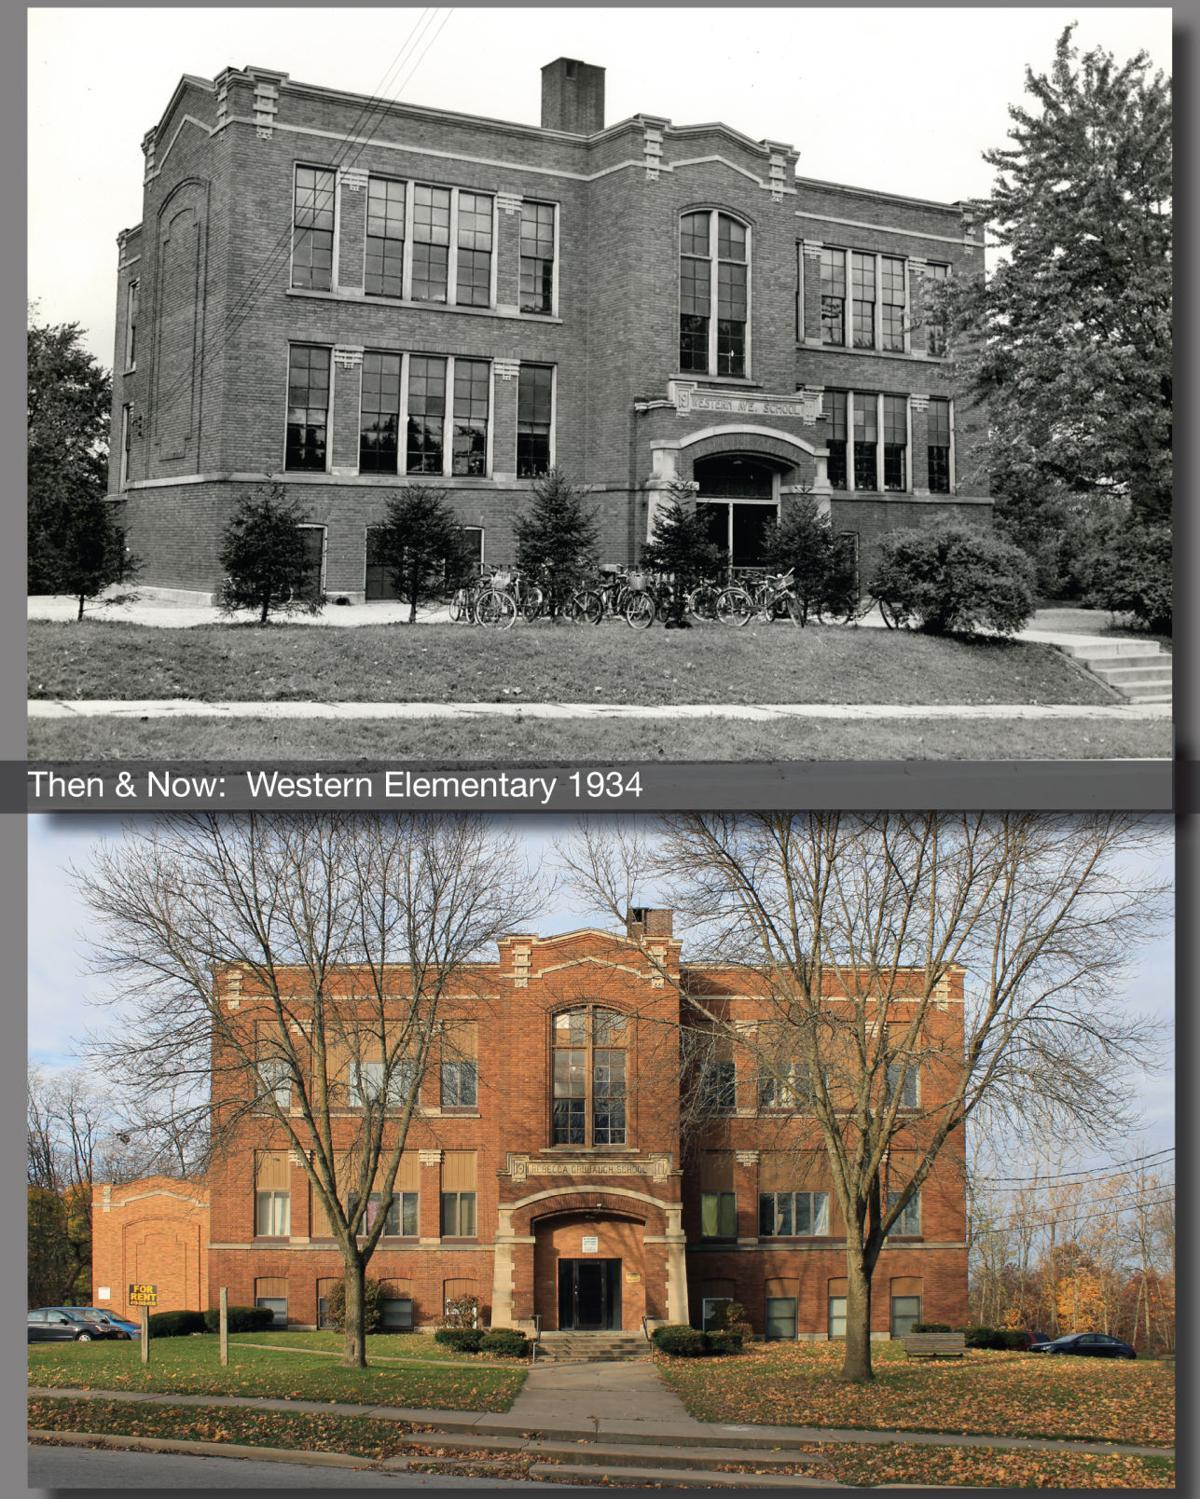 Then & Now: Western Elementary School 1934